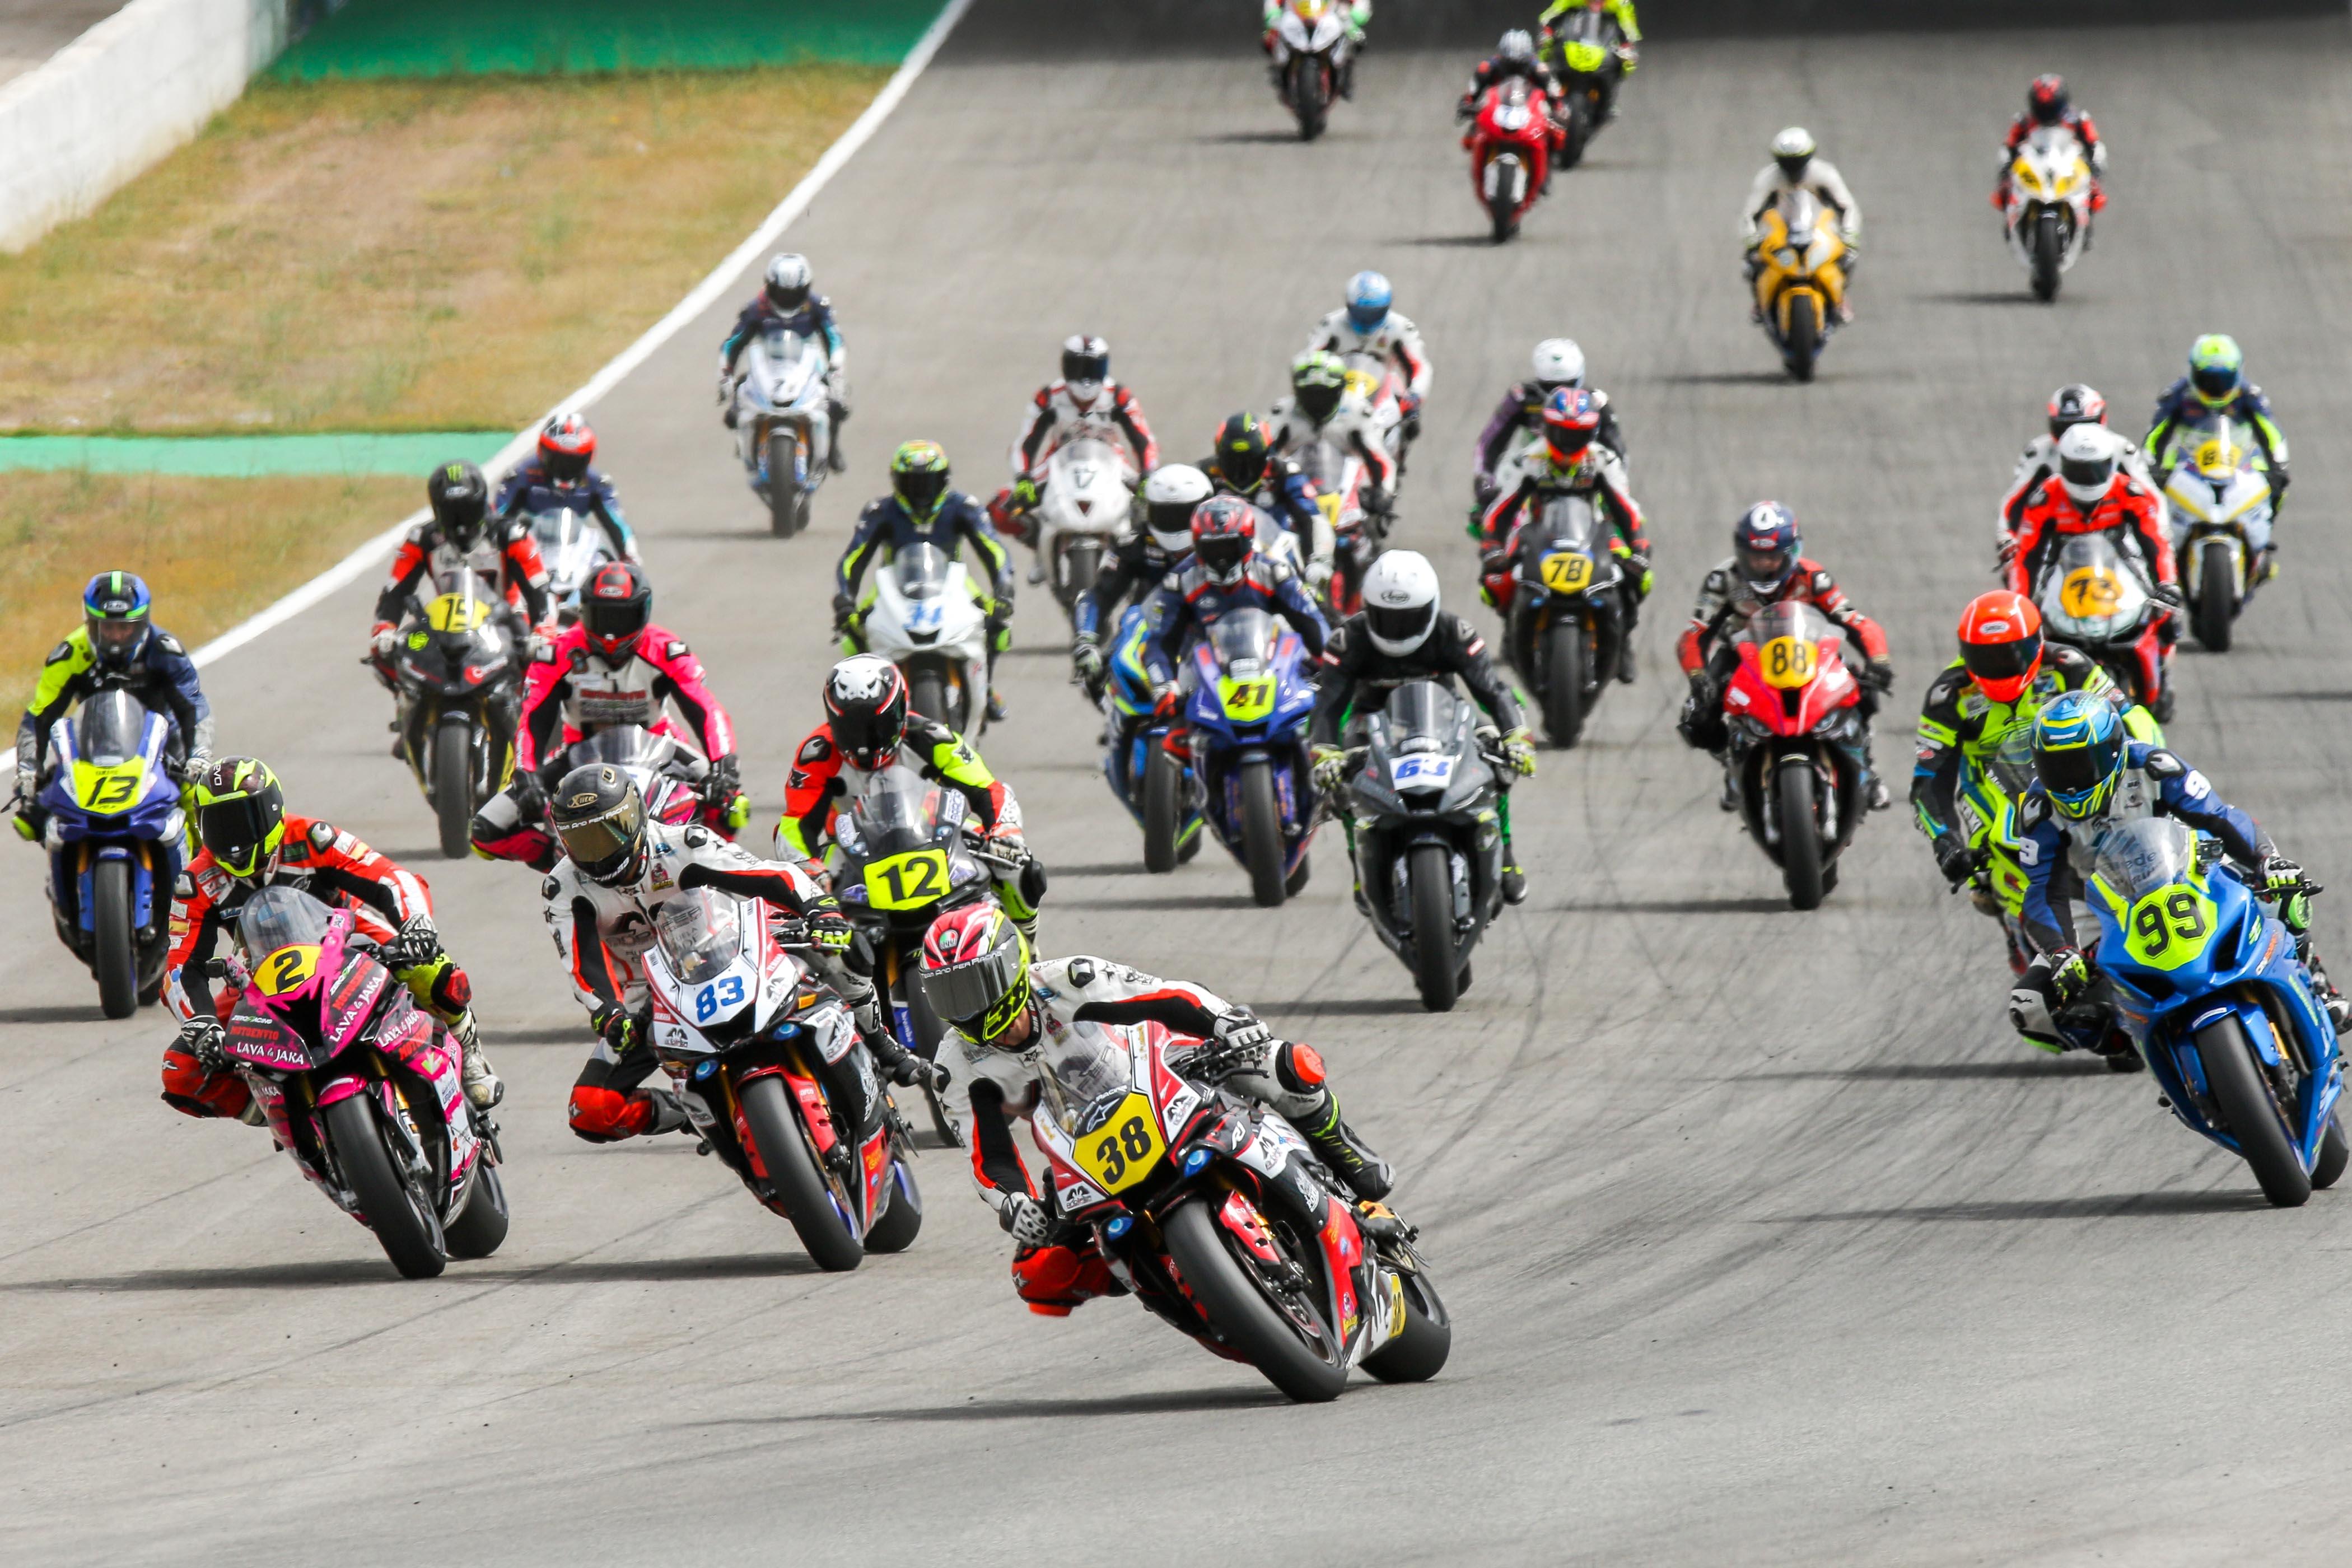 La competición regresa al Circuito de Jerez con el Andaluz e Interterritorial de Motociclismo